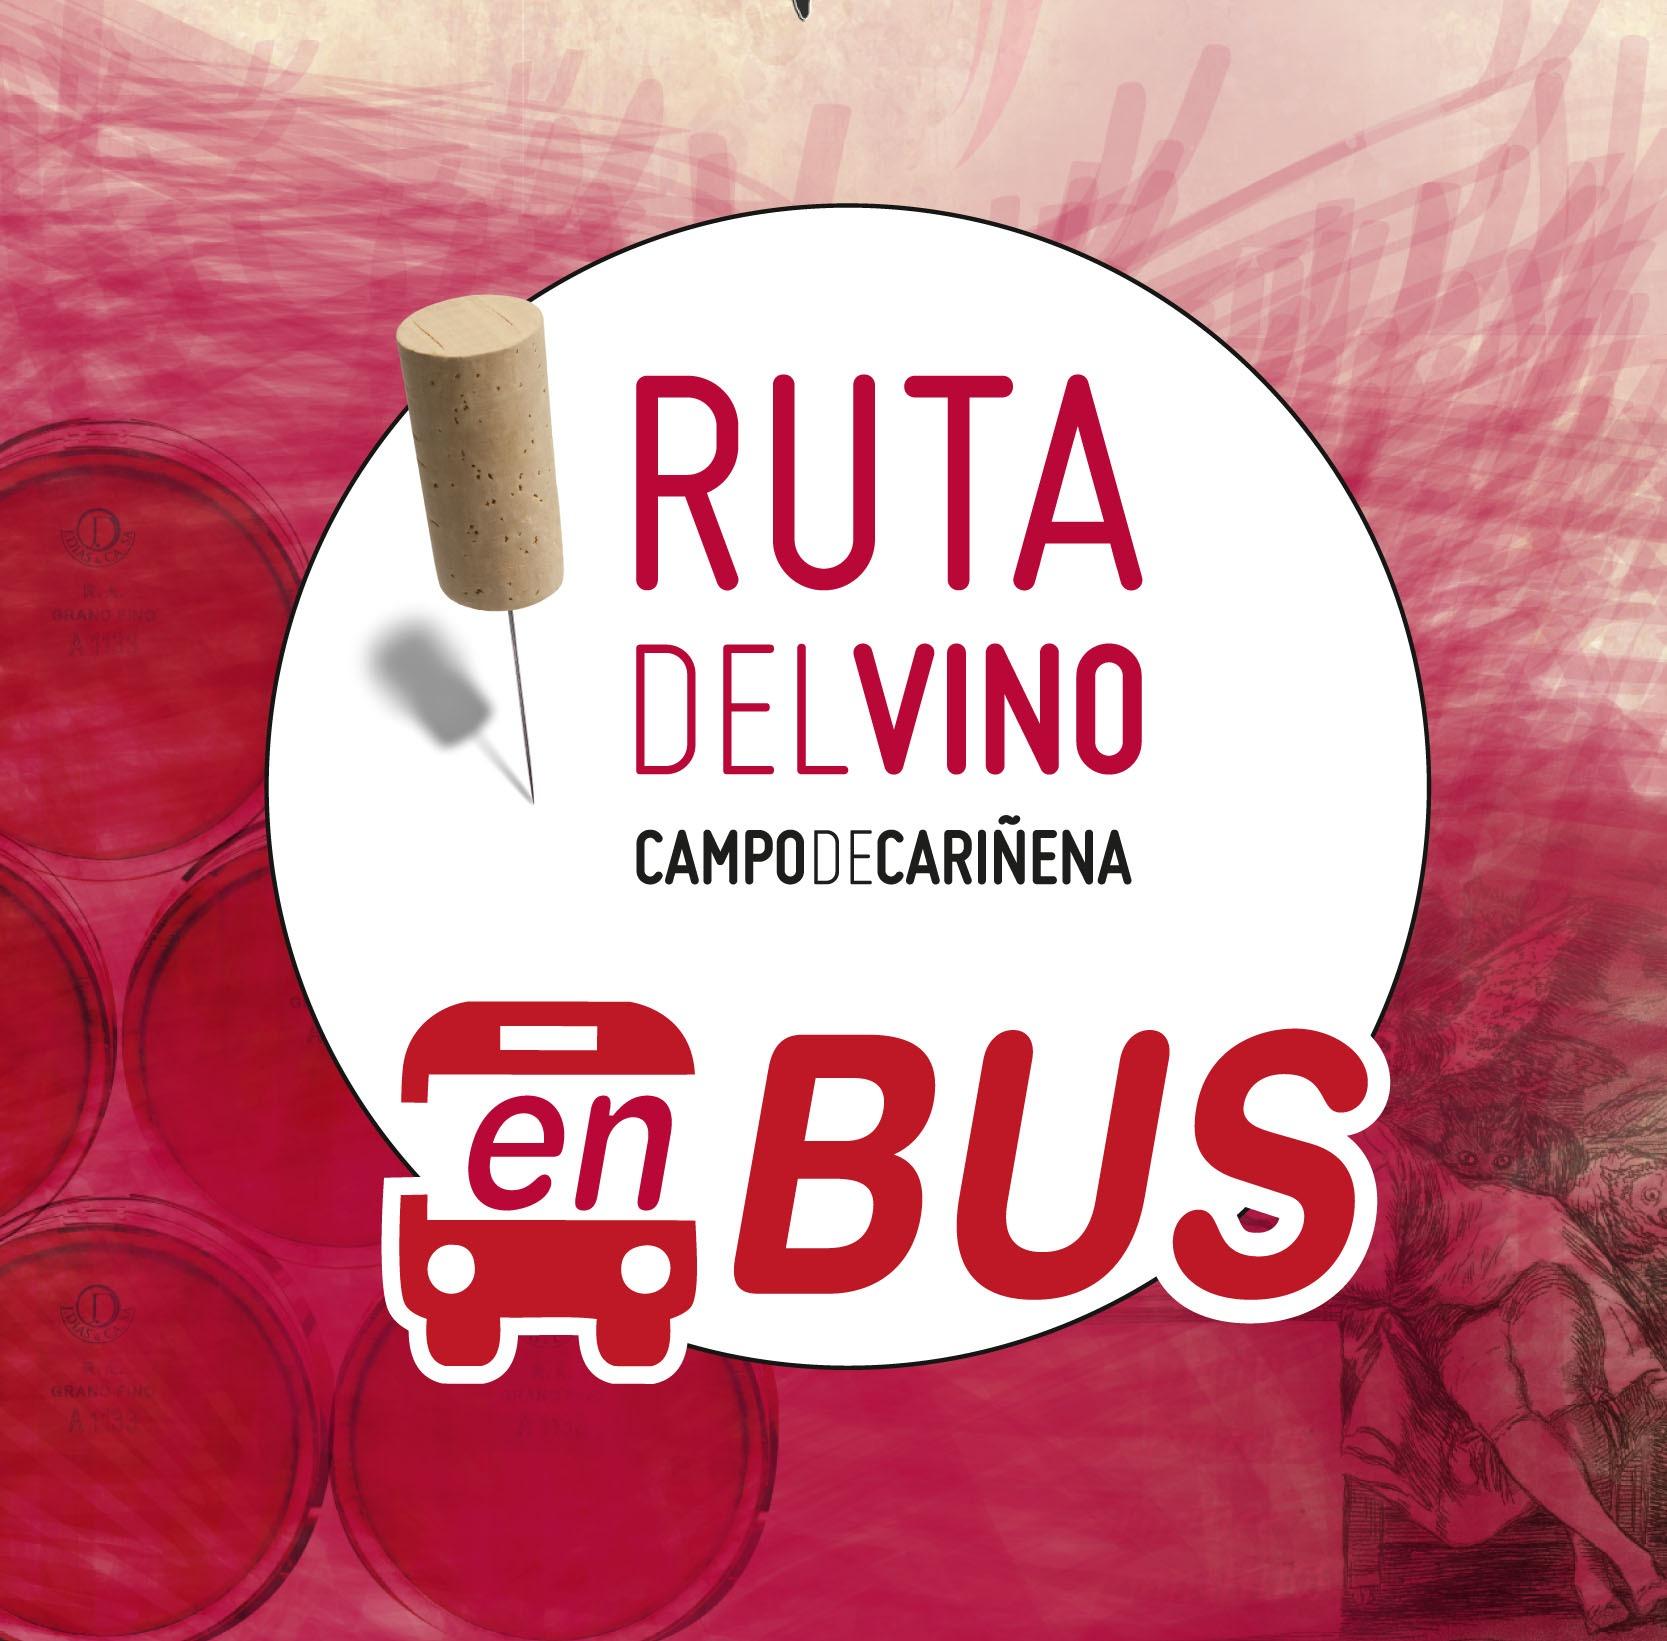 Ruta del Vino del Campo de Cariñena en BUS